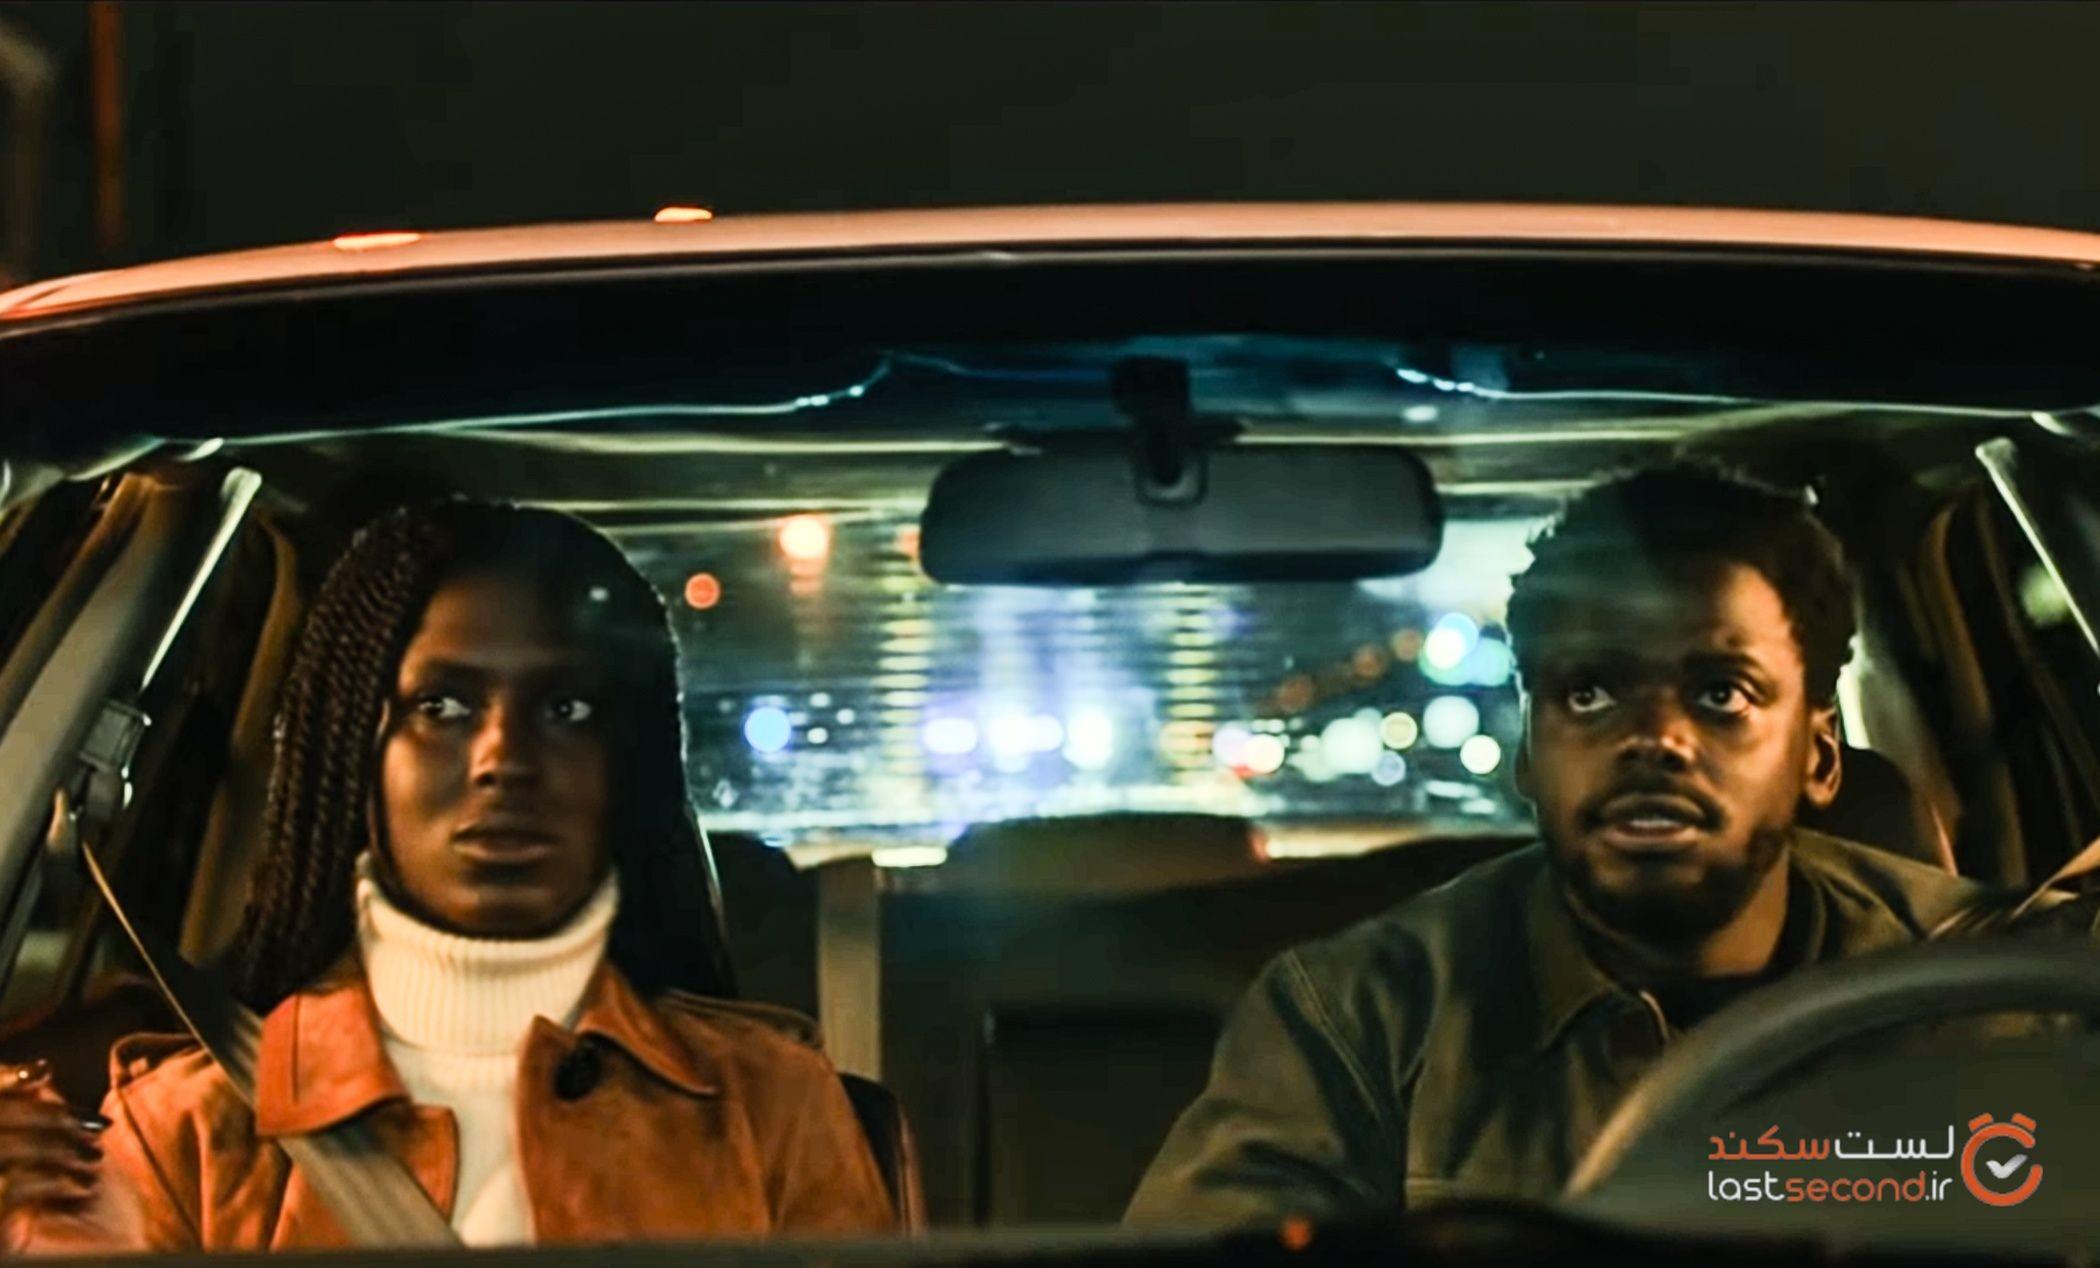 ۱۰ فیلم فوقالعاده در مورد سفر با بازی بازیگران رنگینپوست که کمک میکند تا جهان را از نگاه آنها جستجو کنید.